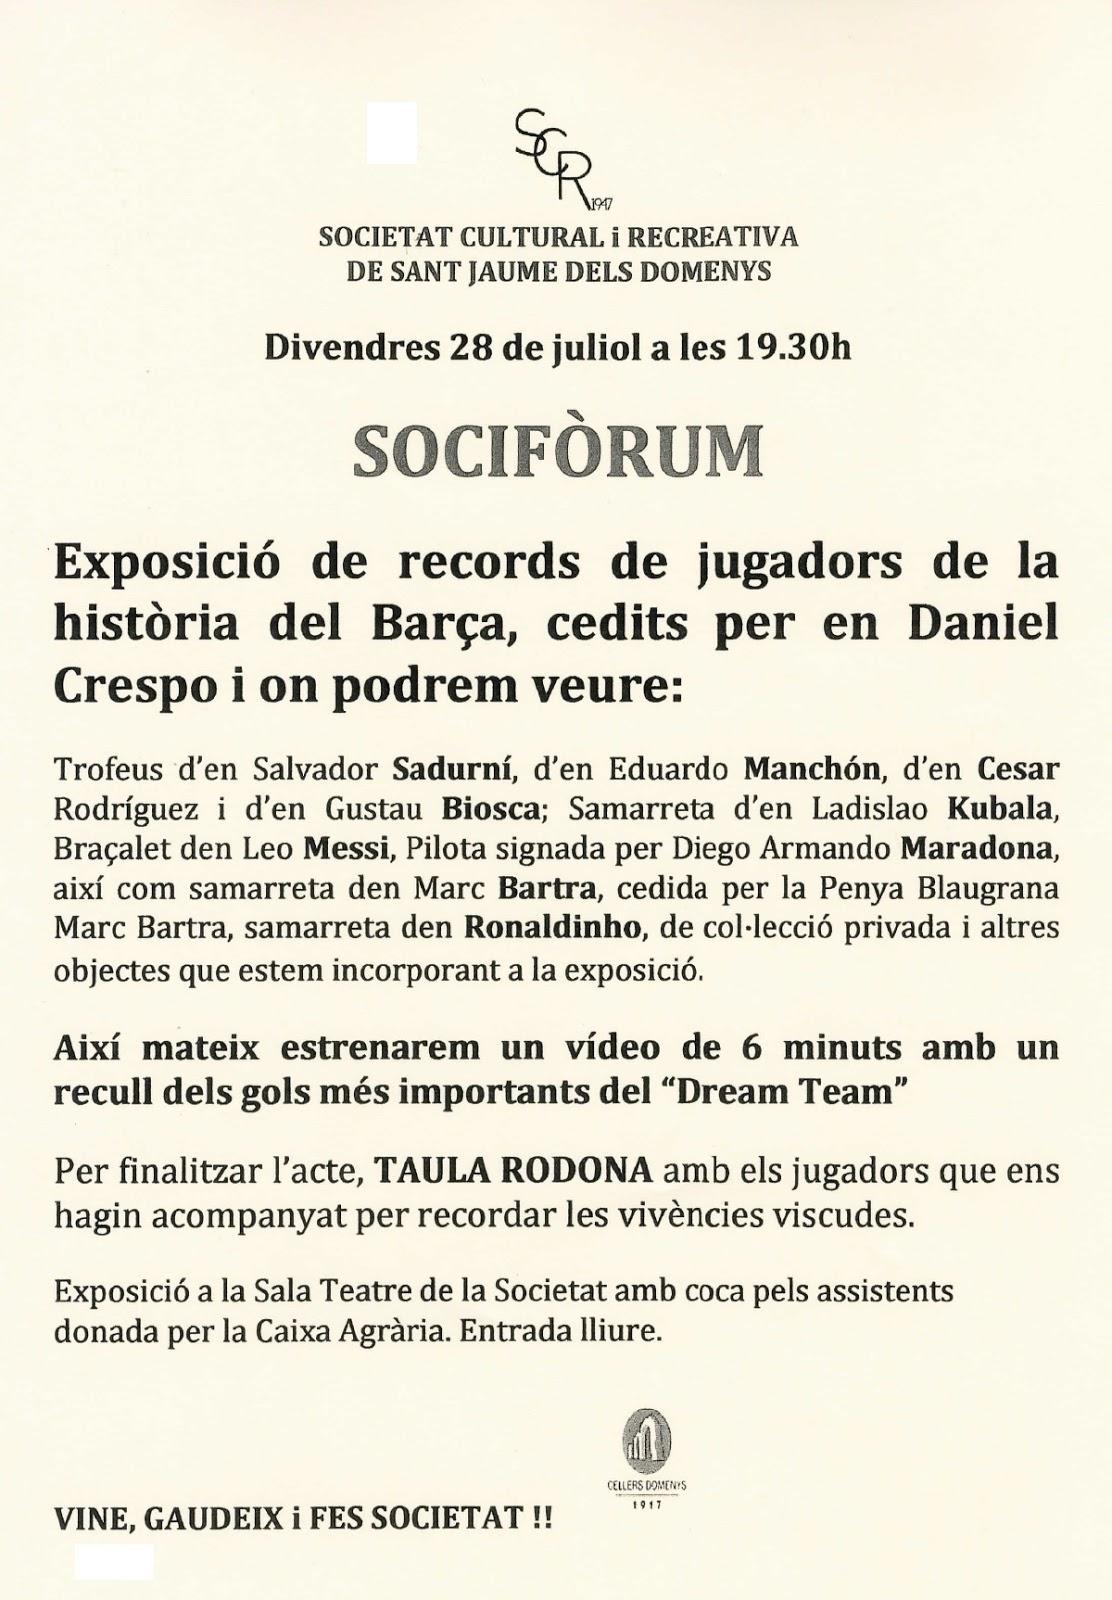 Esguard de Dona - Exposició Records de Jugadors de la Història del Barça - SCR Sant Jaume dels Domenys - Divendres 28 de juliol a les 19.30 hores